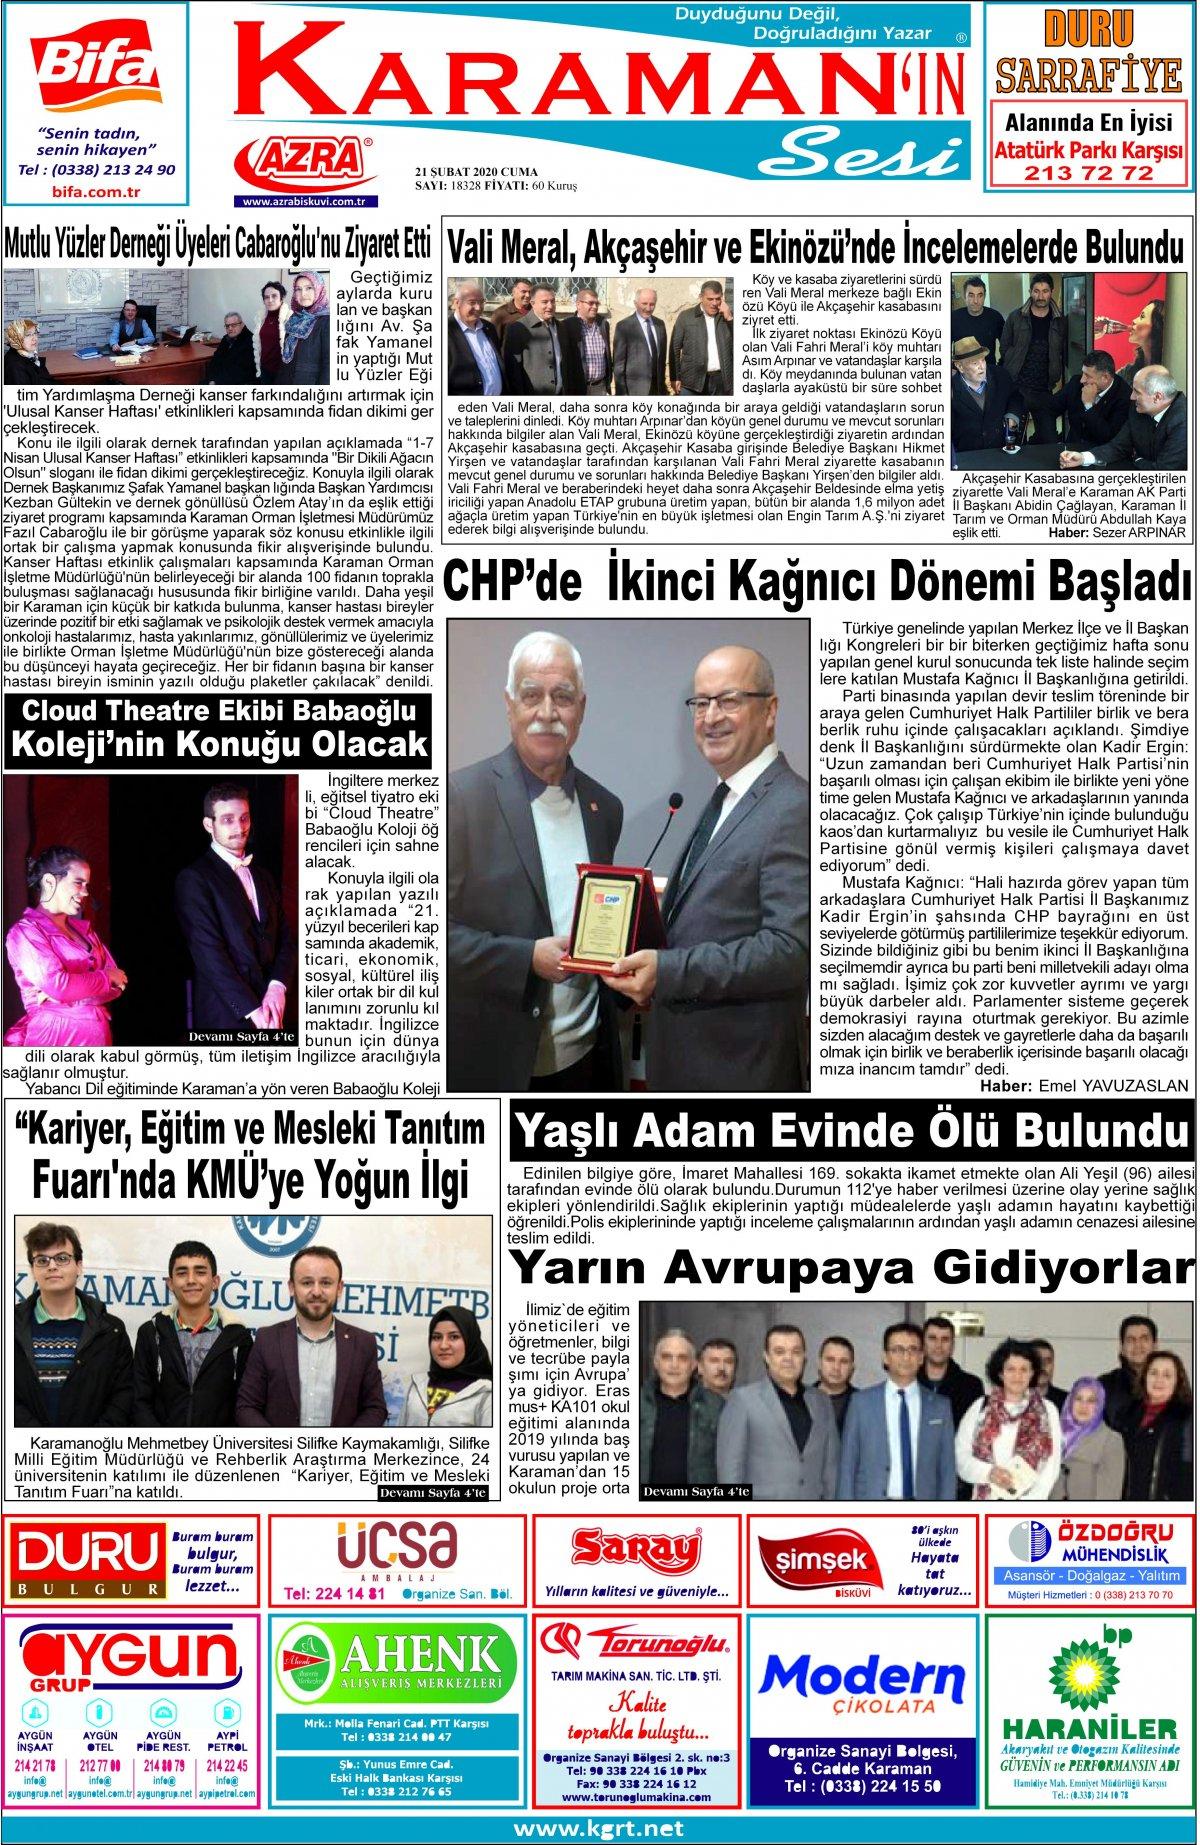 www.kgrt.net | Karaman Haber - 21.02.2020 Manşeti